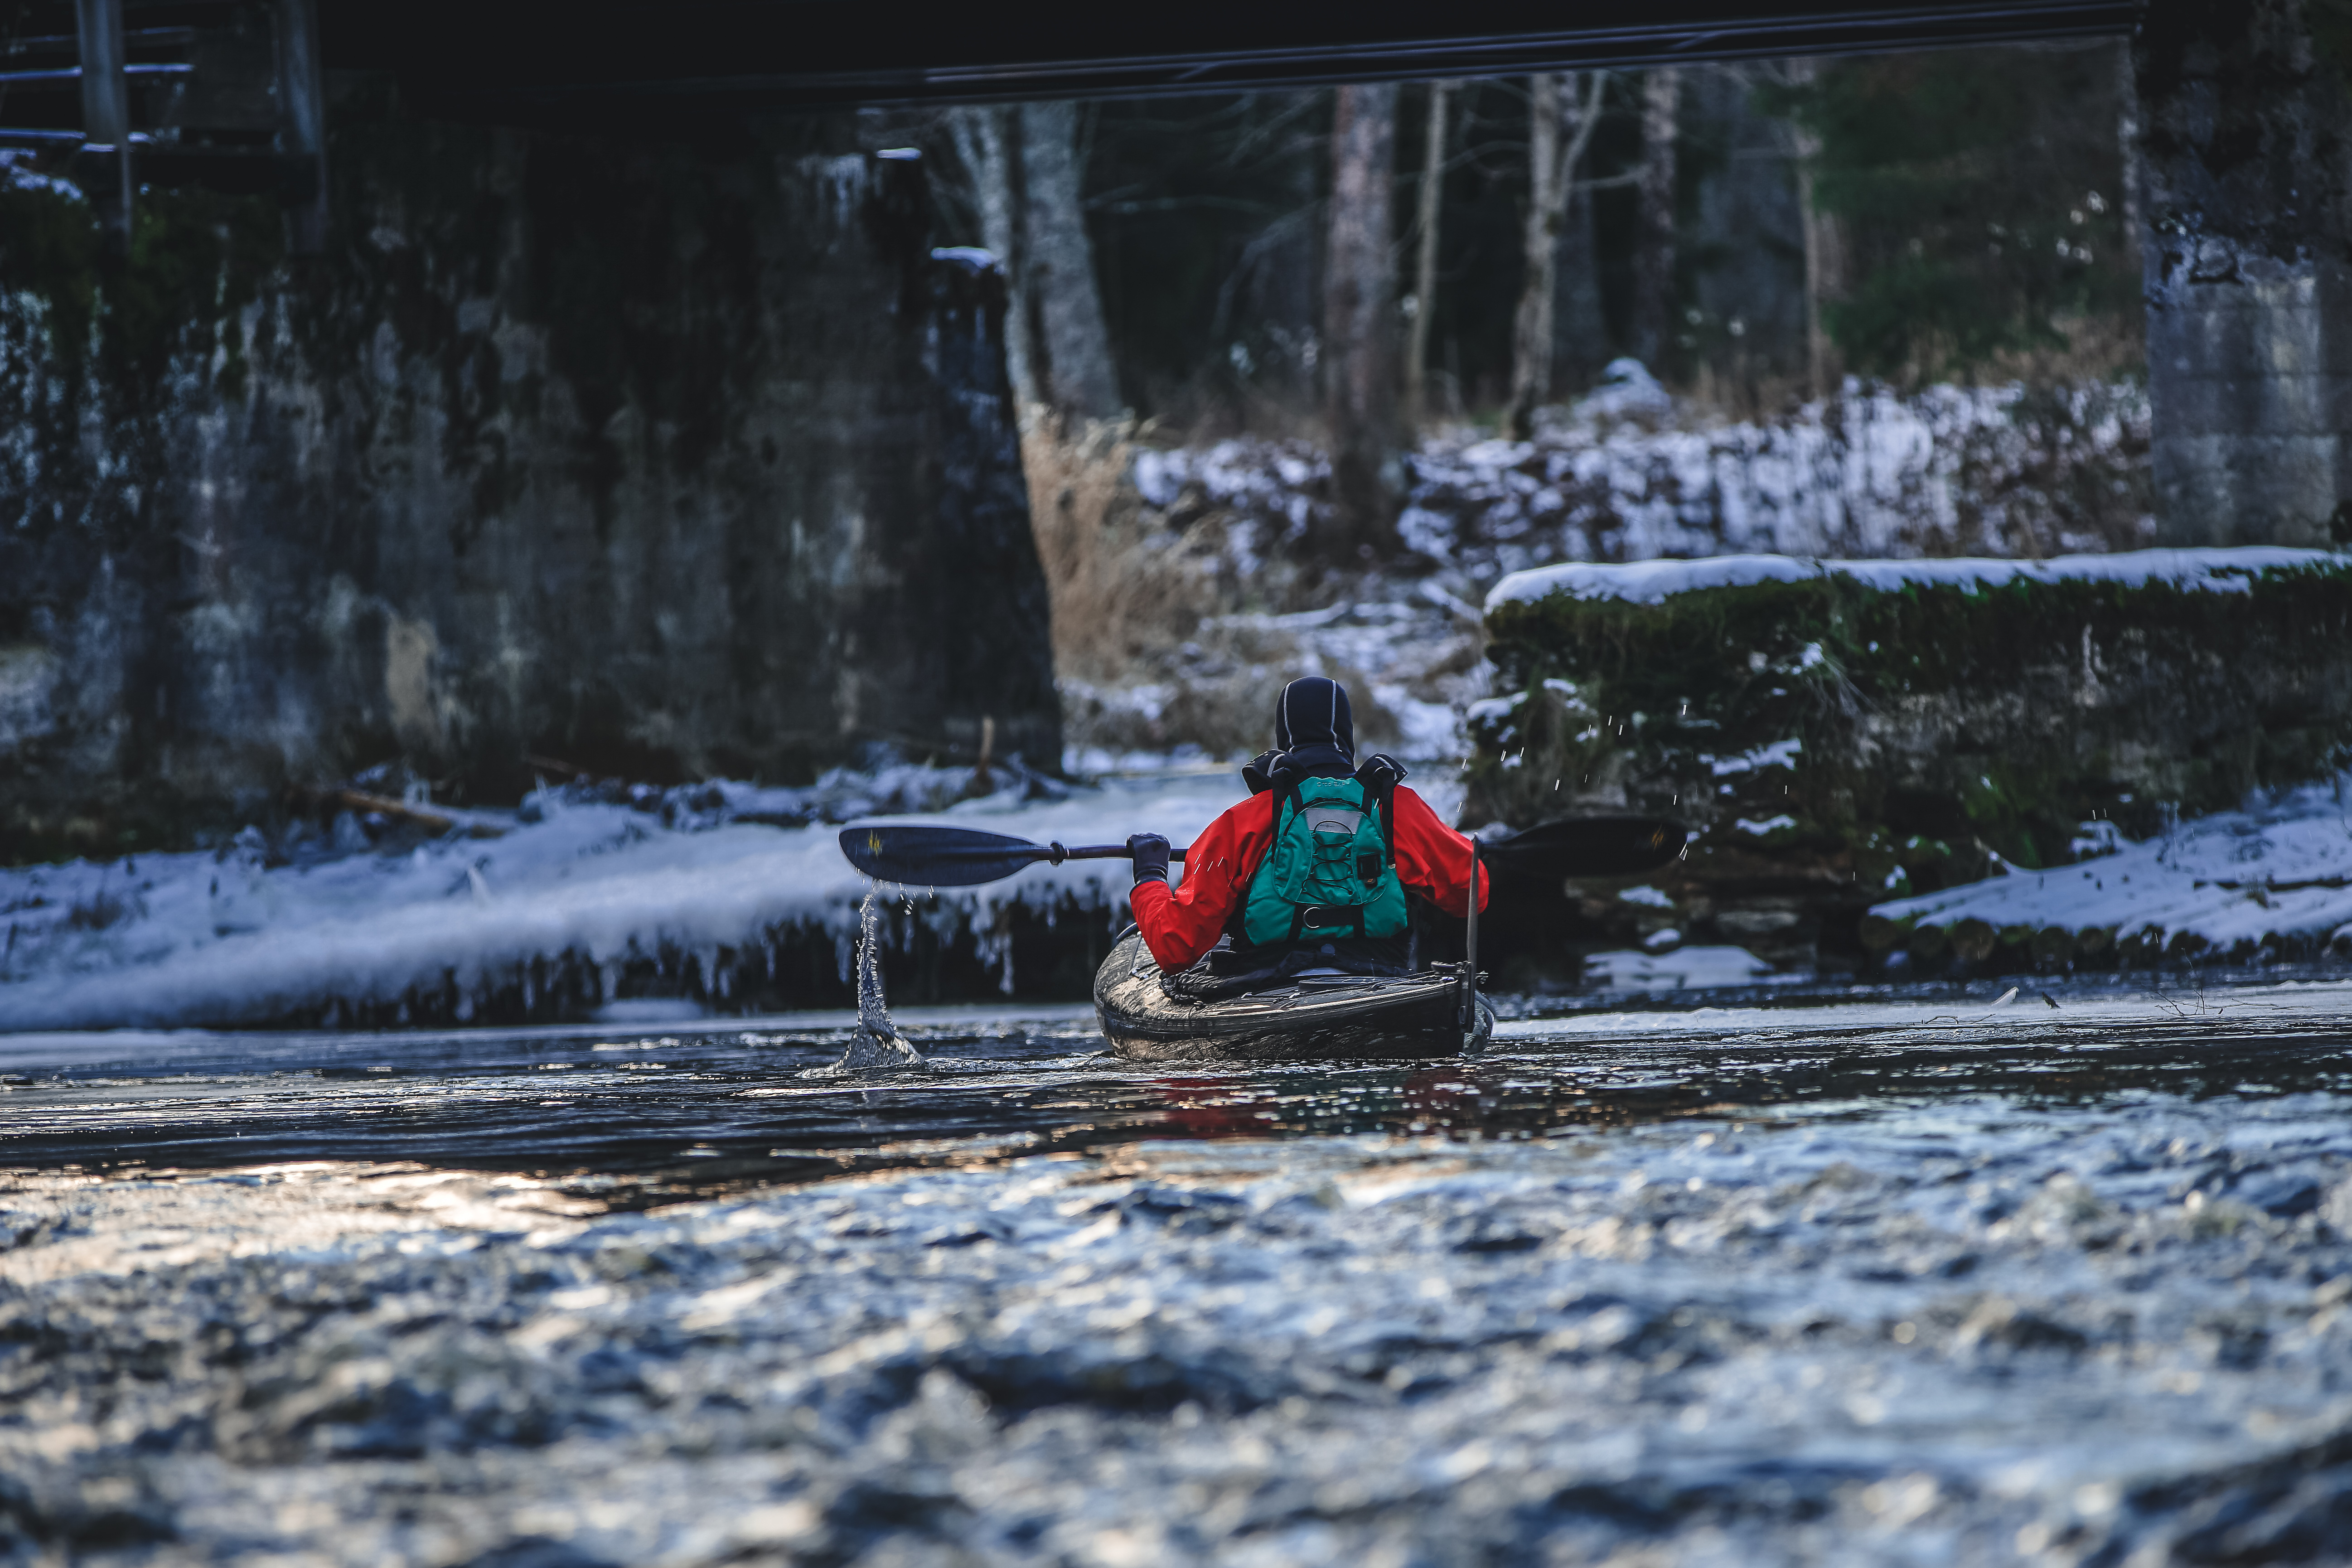 Kayaks: Zegul Easy by Tahe Outdoors - Image 4667